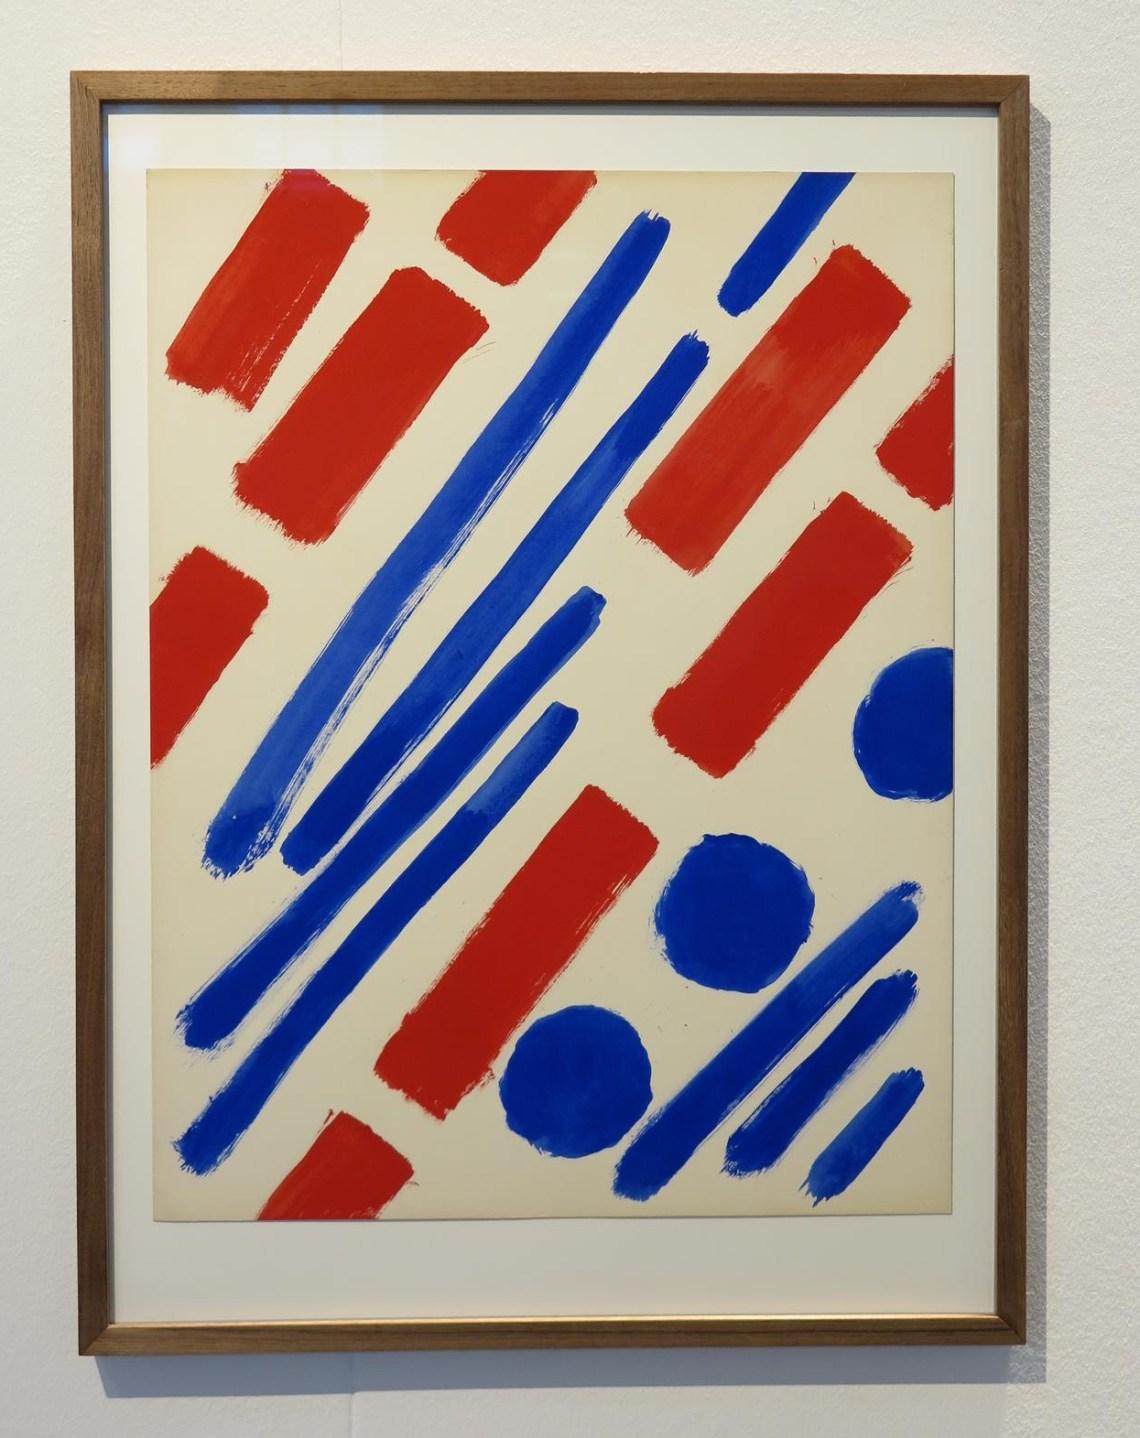 Willem van Hussem - galerie Durst Britt & Mayhew